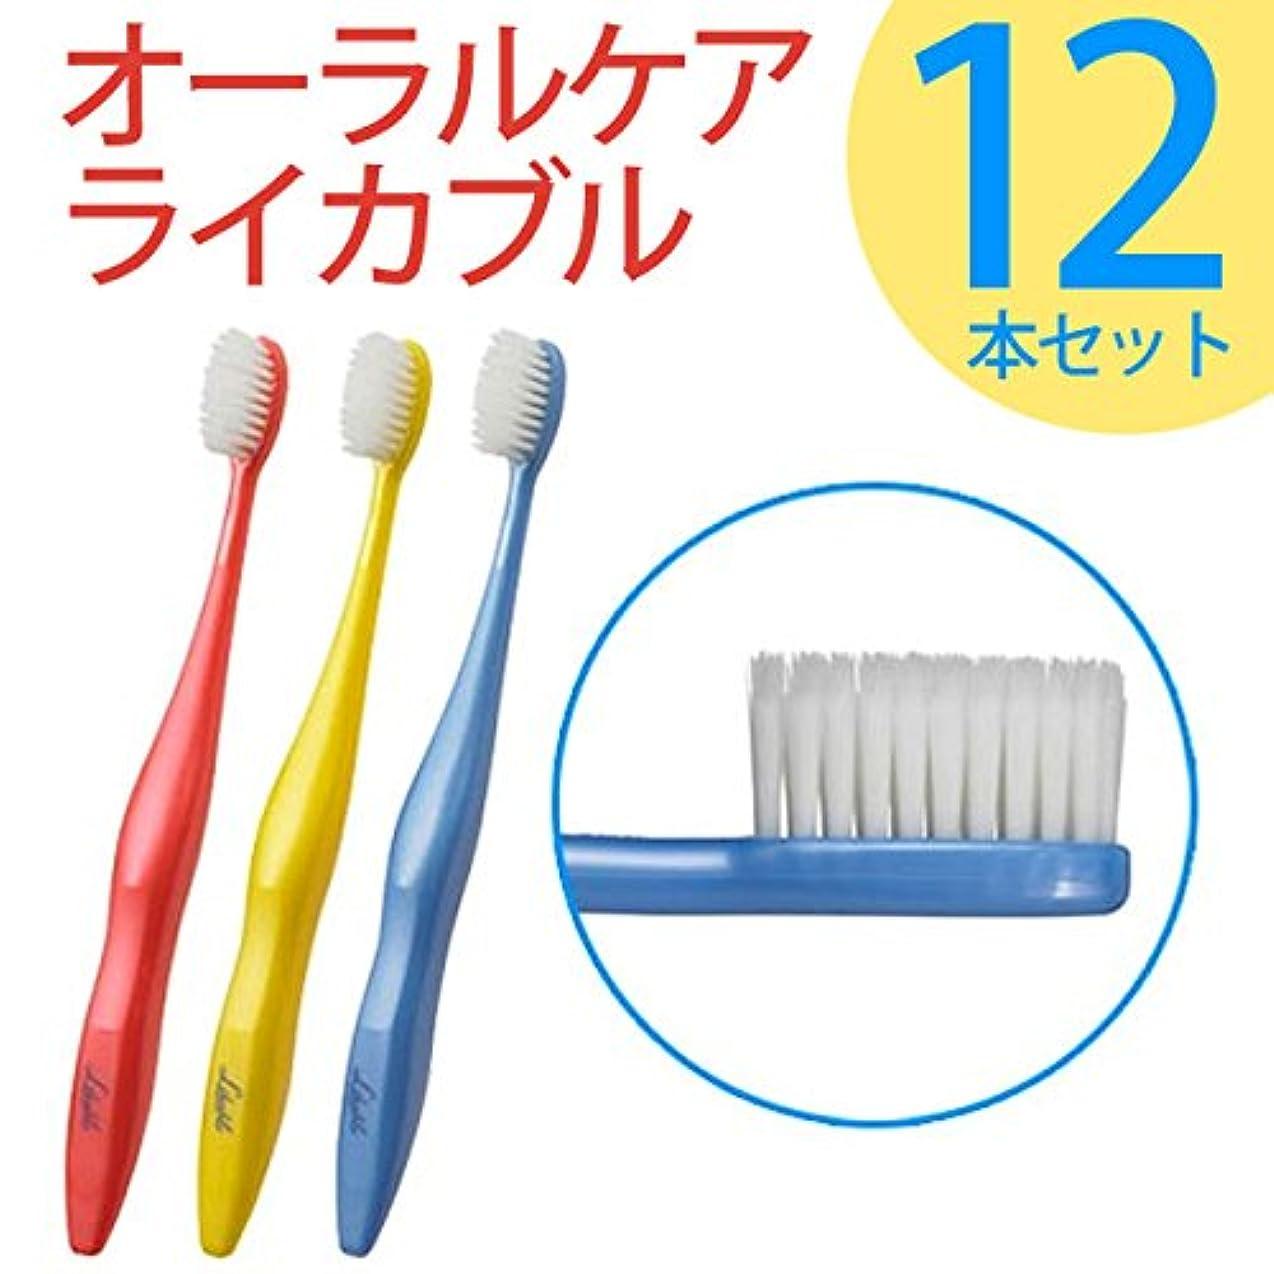 洗う把握何ライカブル ライカブル メンテナンス用 歯ブラシ 12本セット